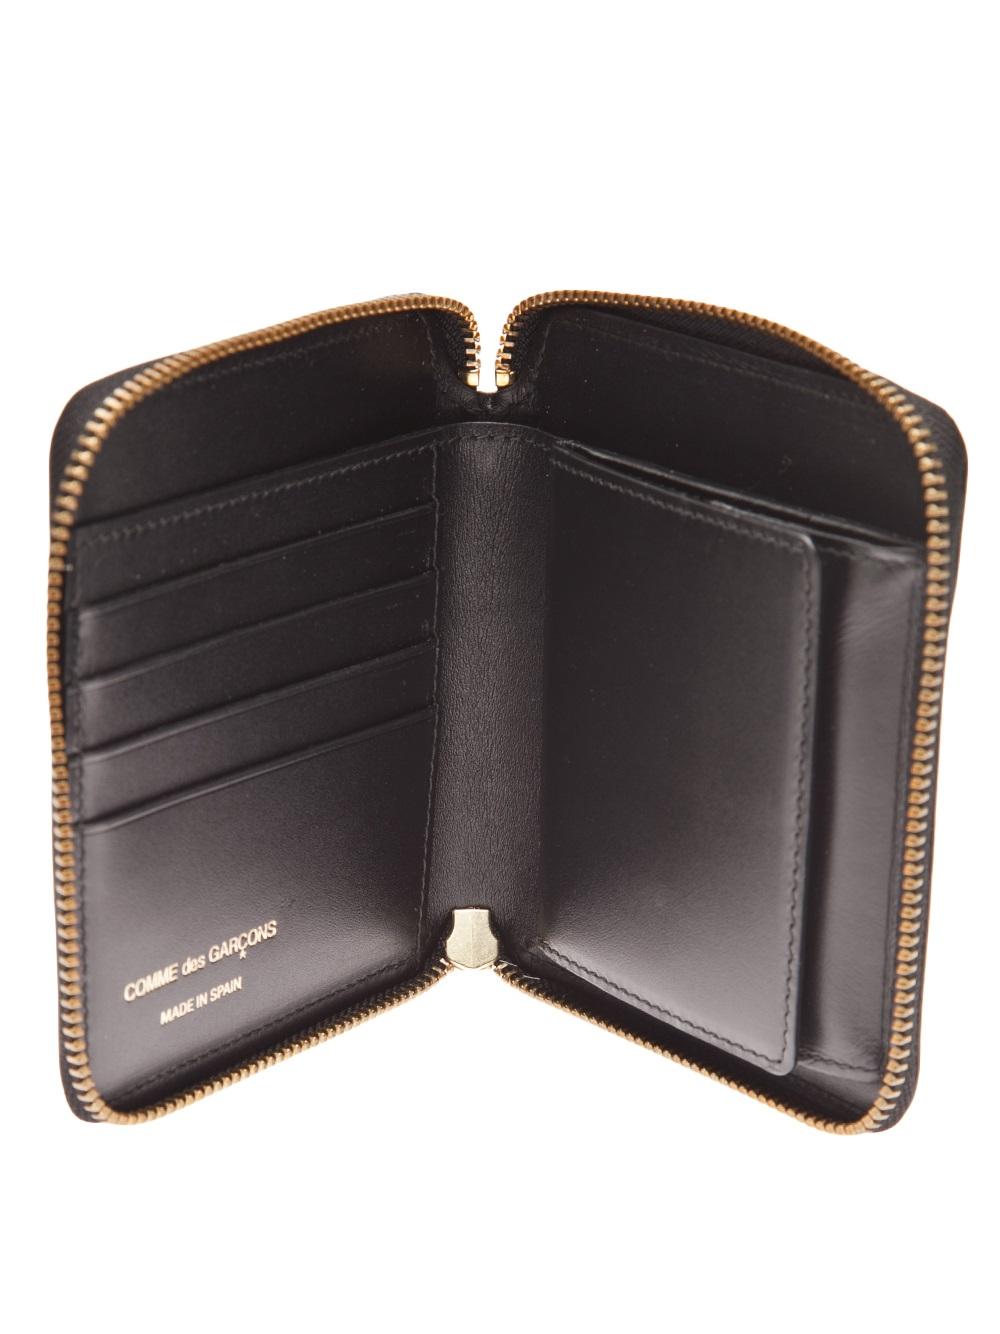 all around zip wallet - Black Comme Des Gar?ons HV0af4k